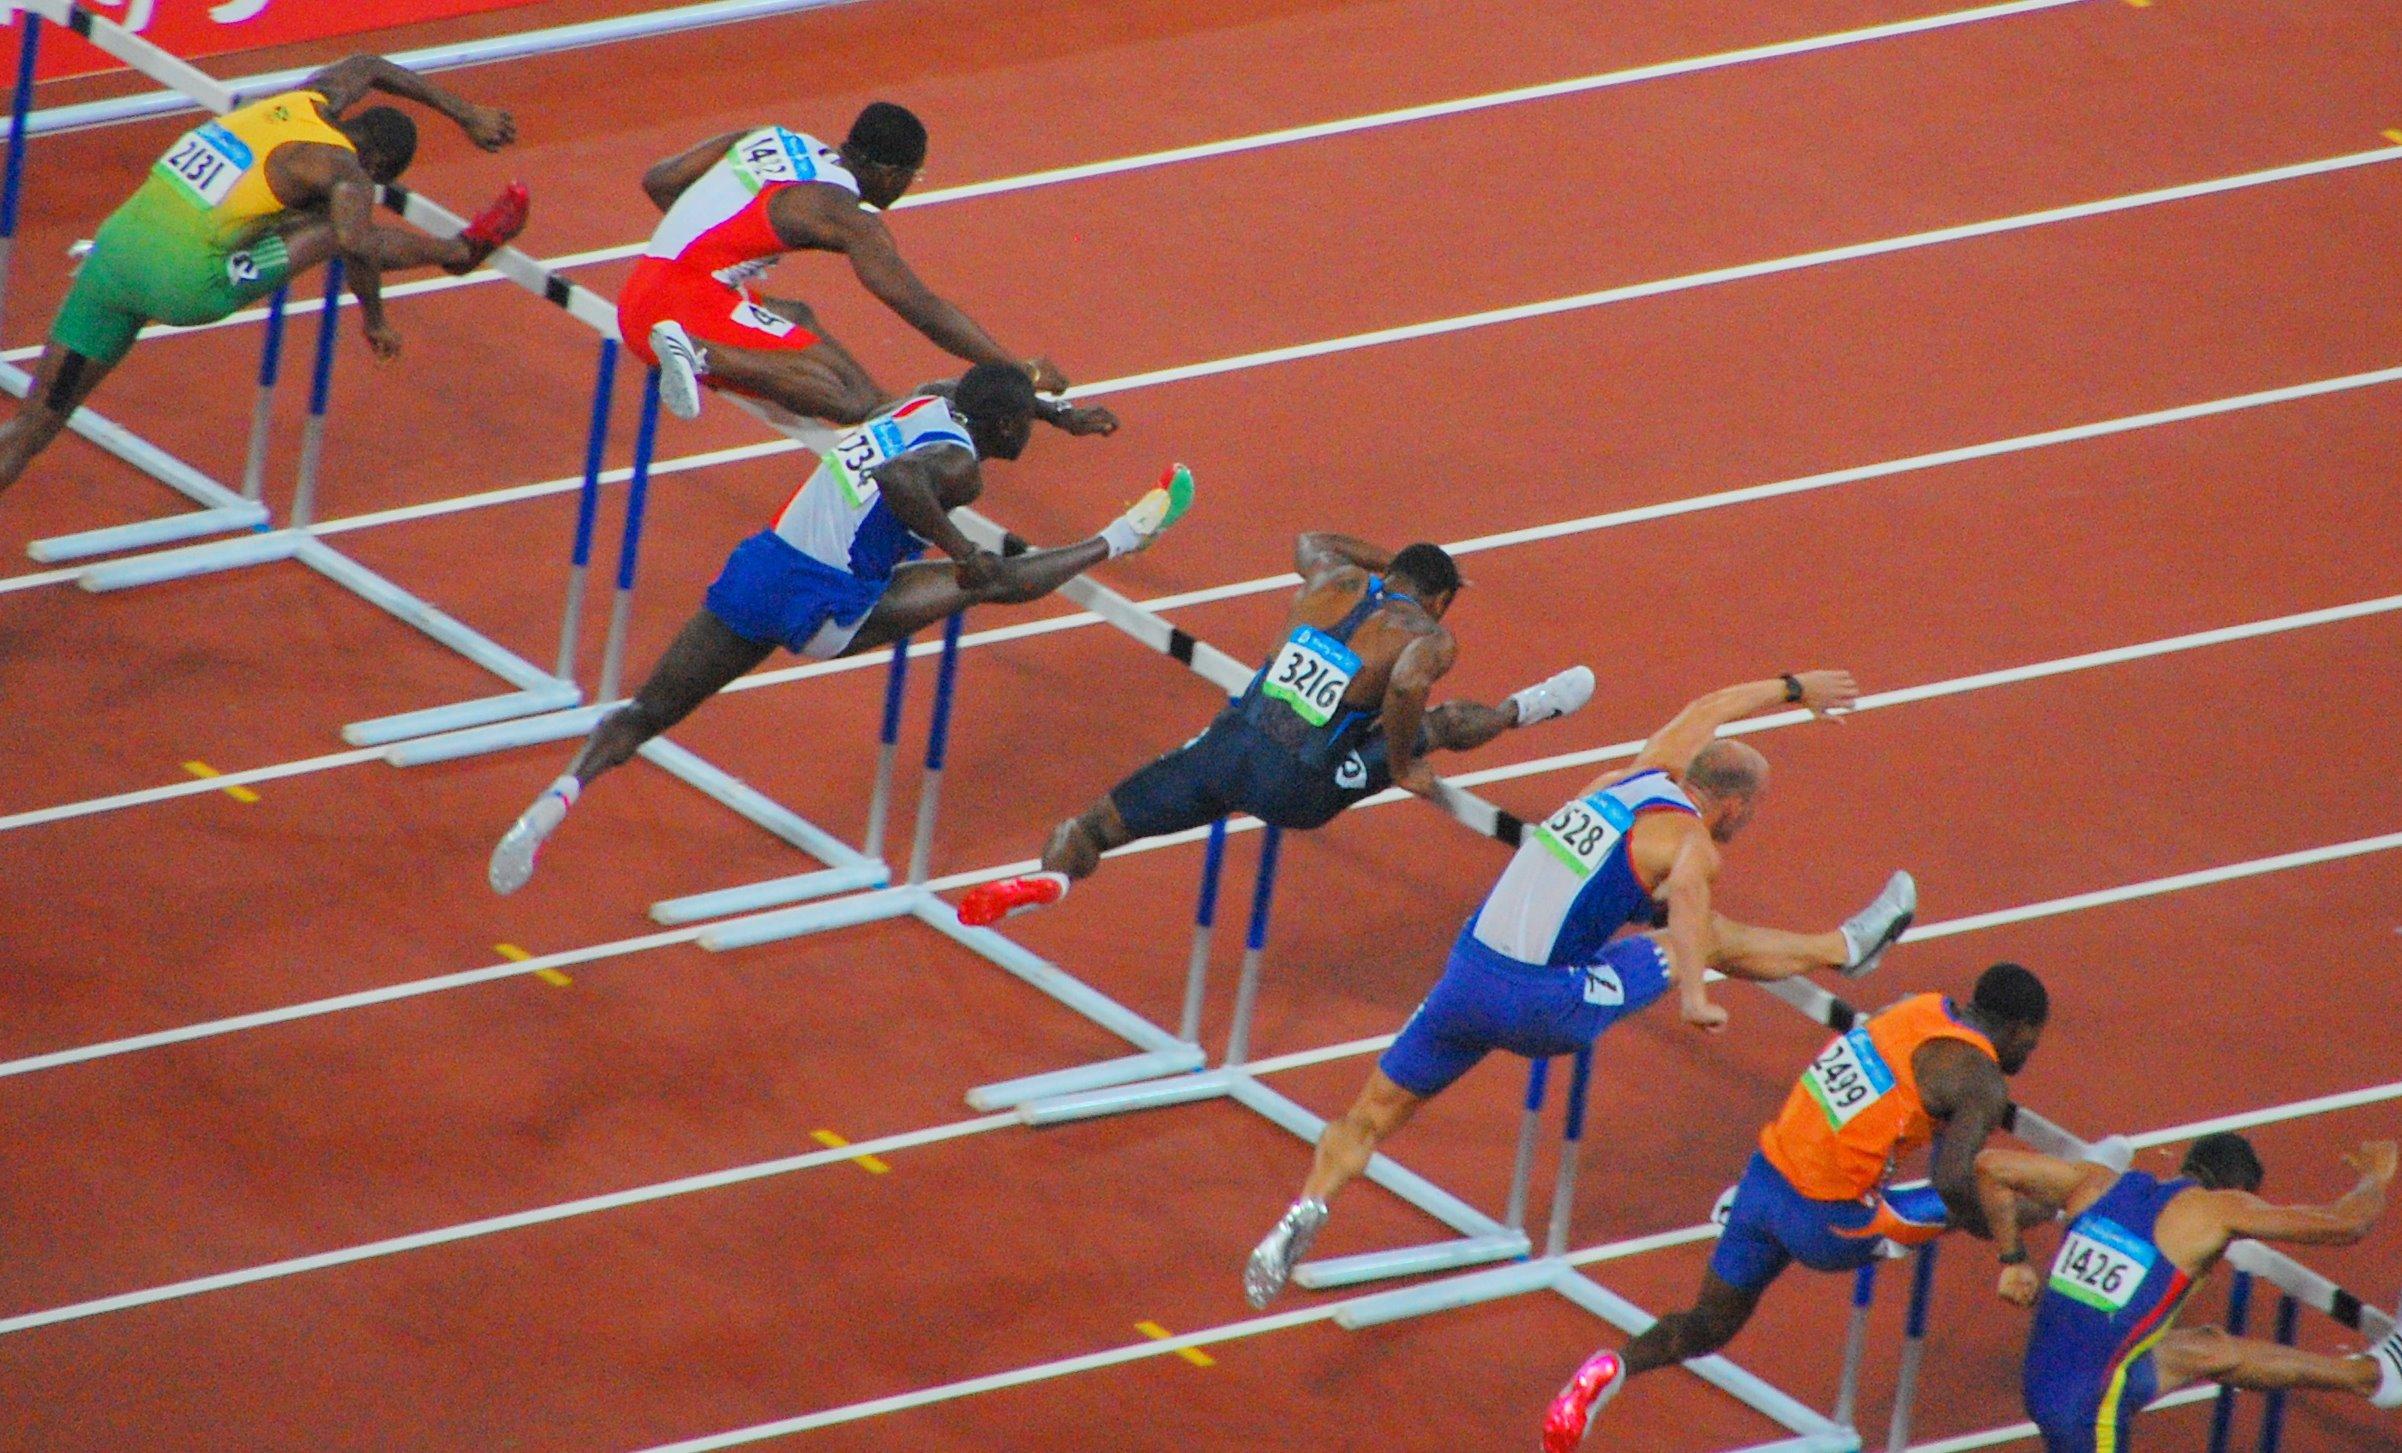 Sprint hurdles at the Olympics - Wikipedia